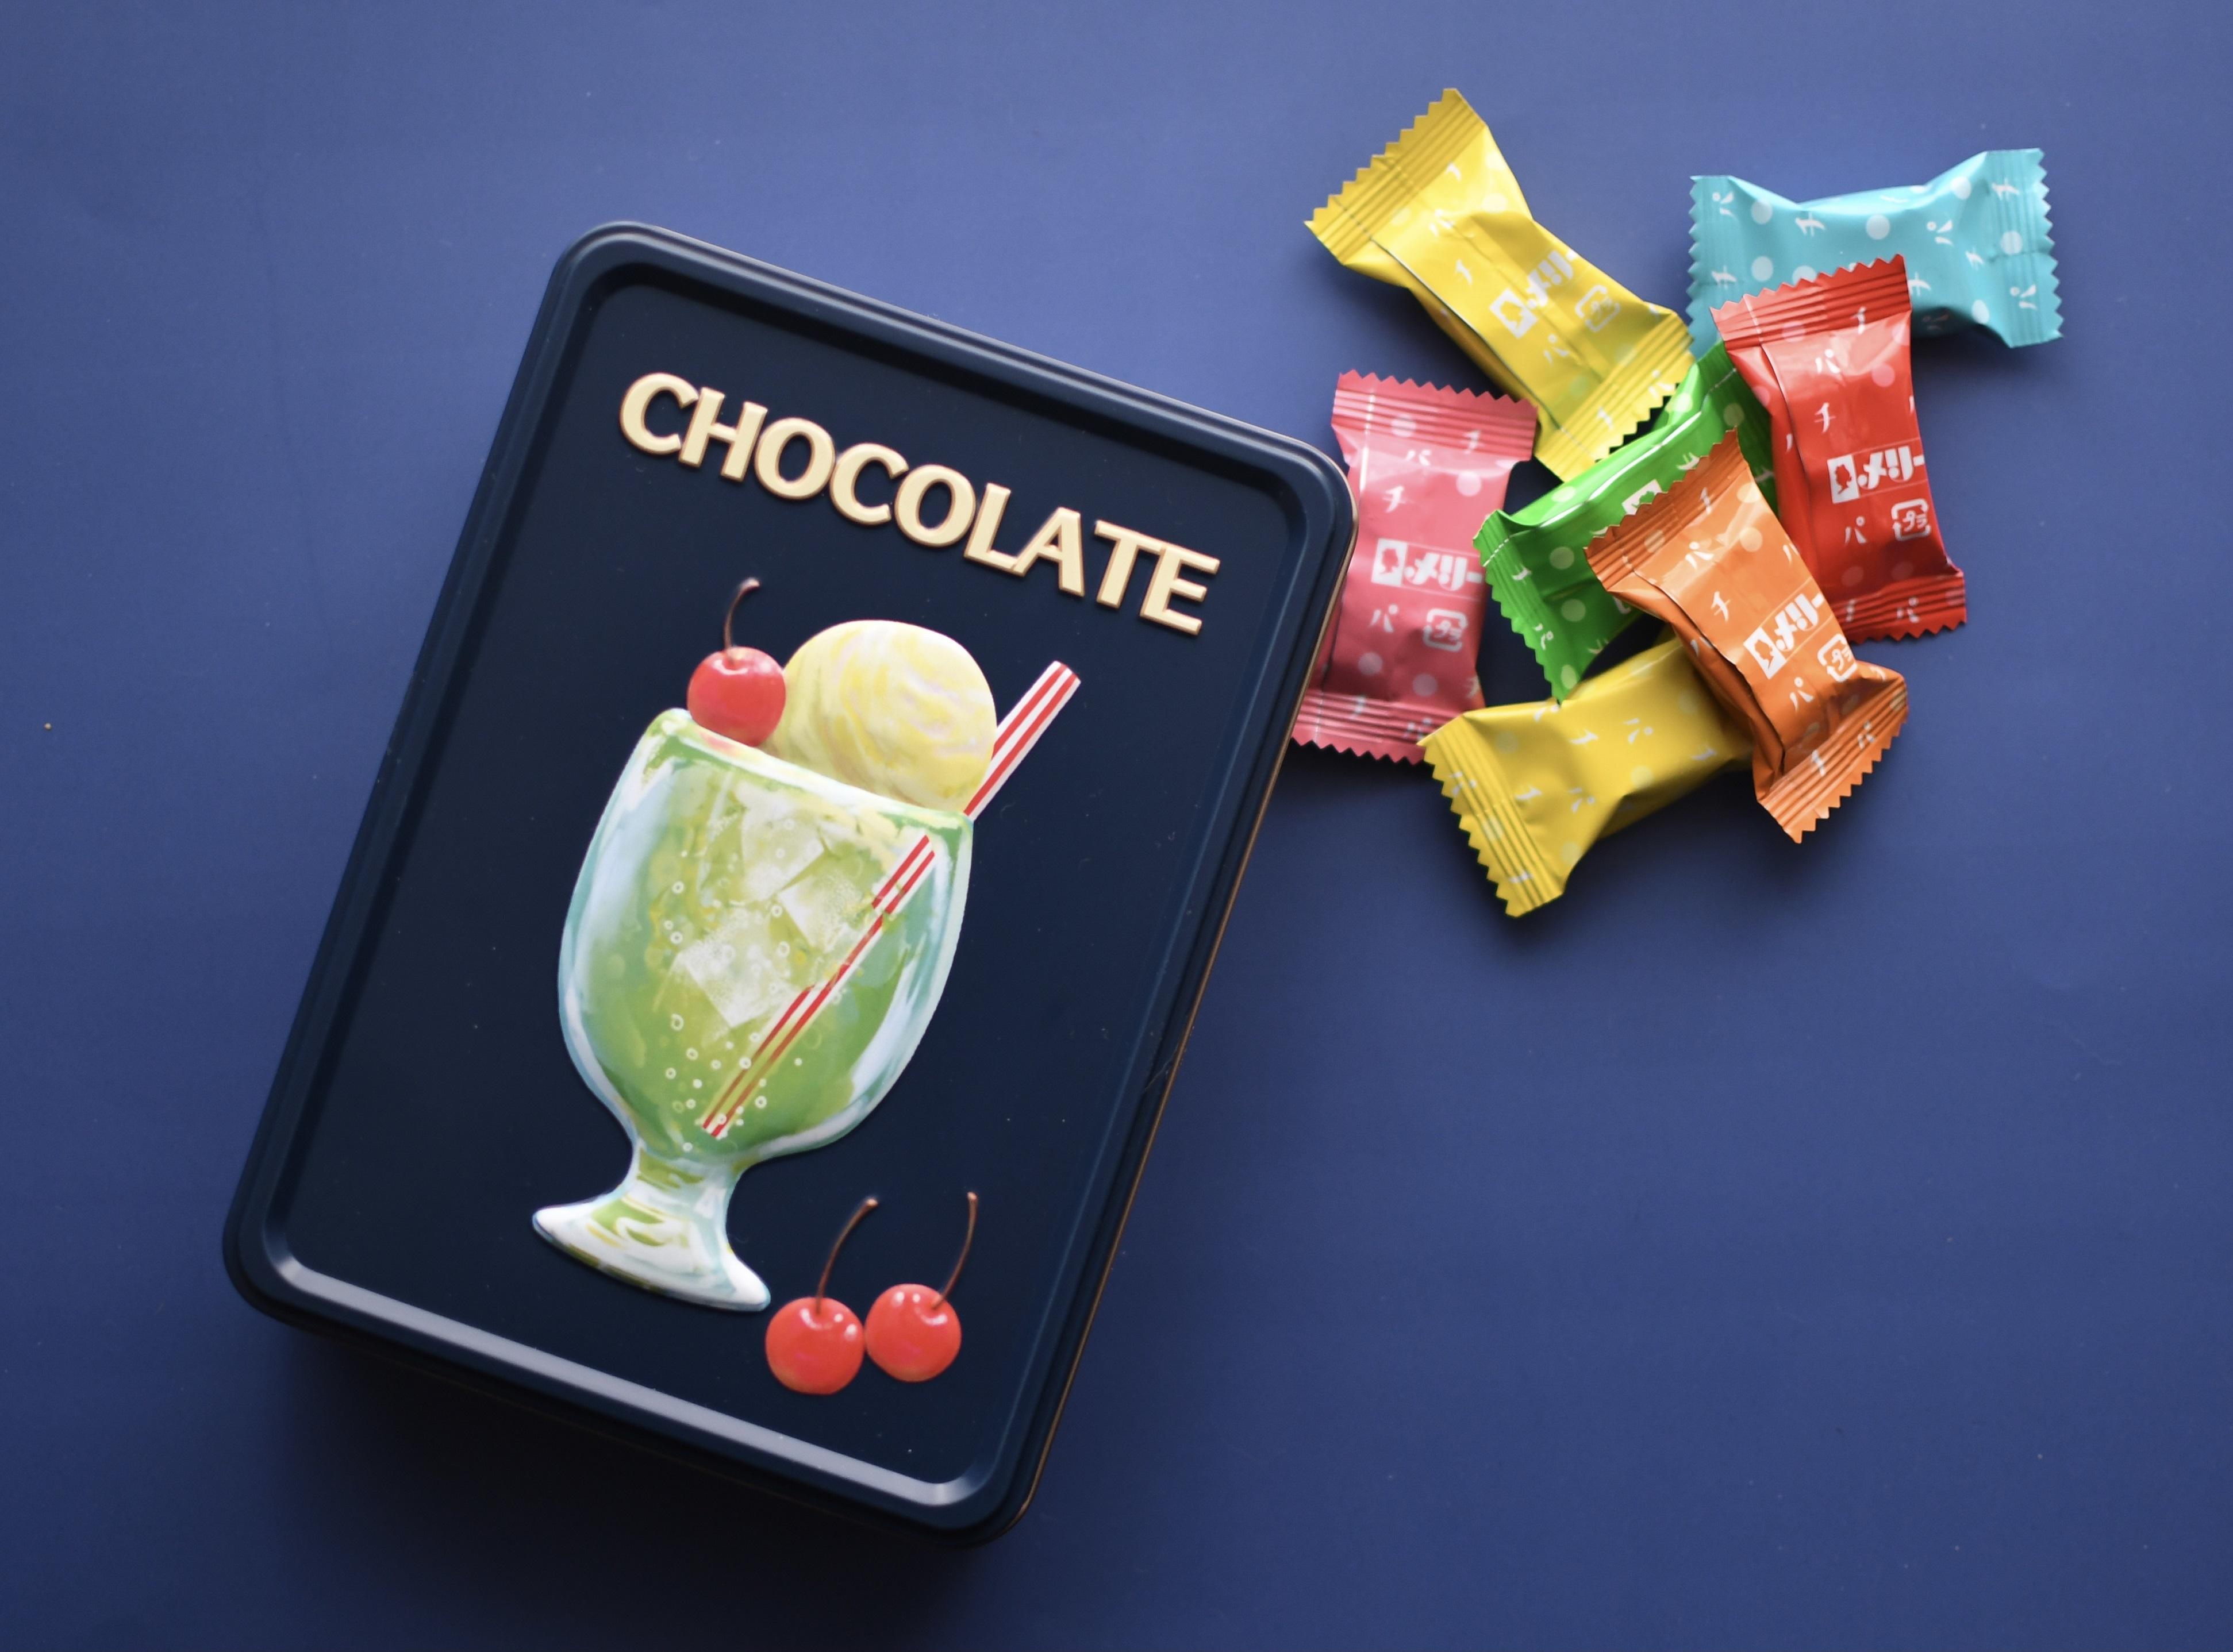 【メリーチョコレート】の「はじけるキャンディチョコレート 」21個入りのアソートメント缶は小物入れにも!